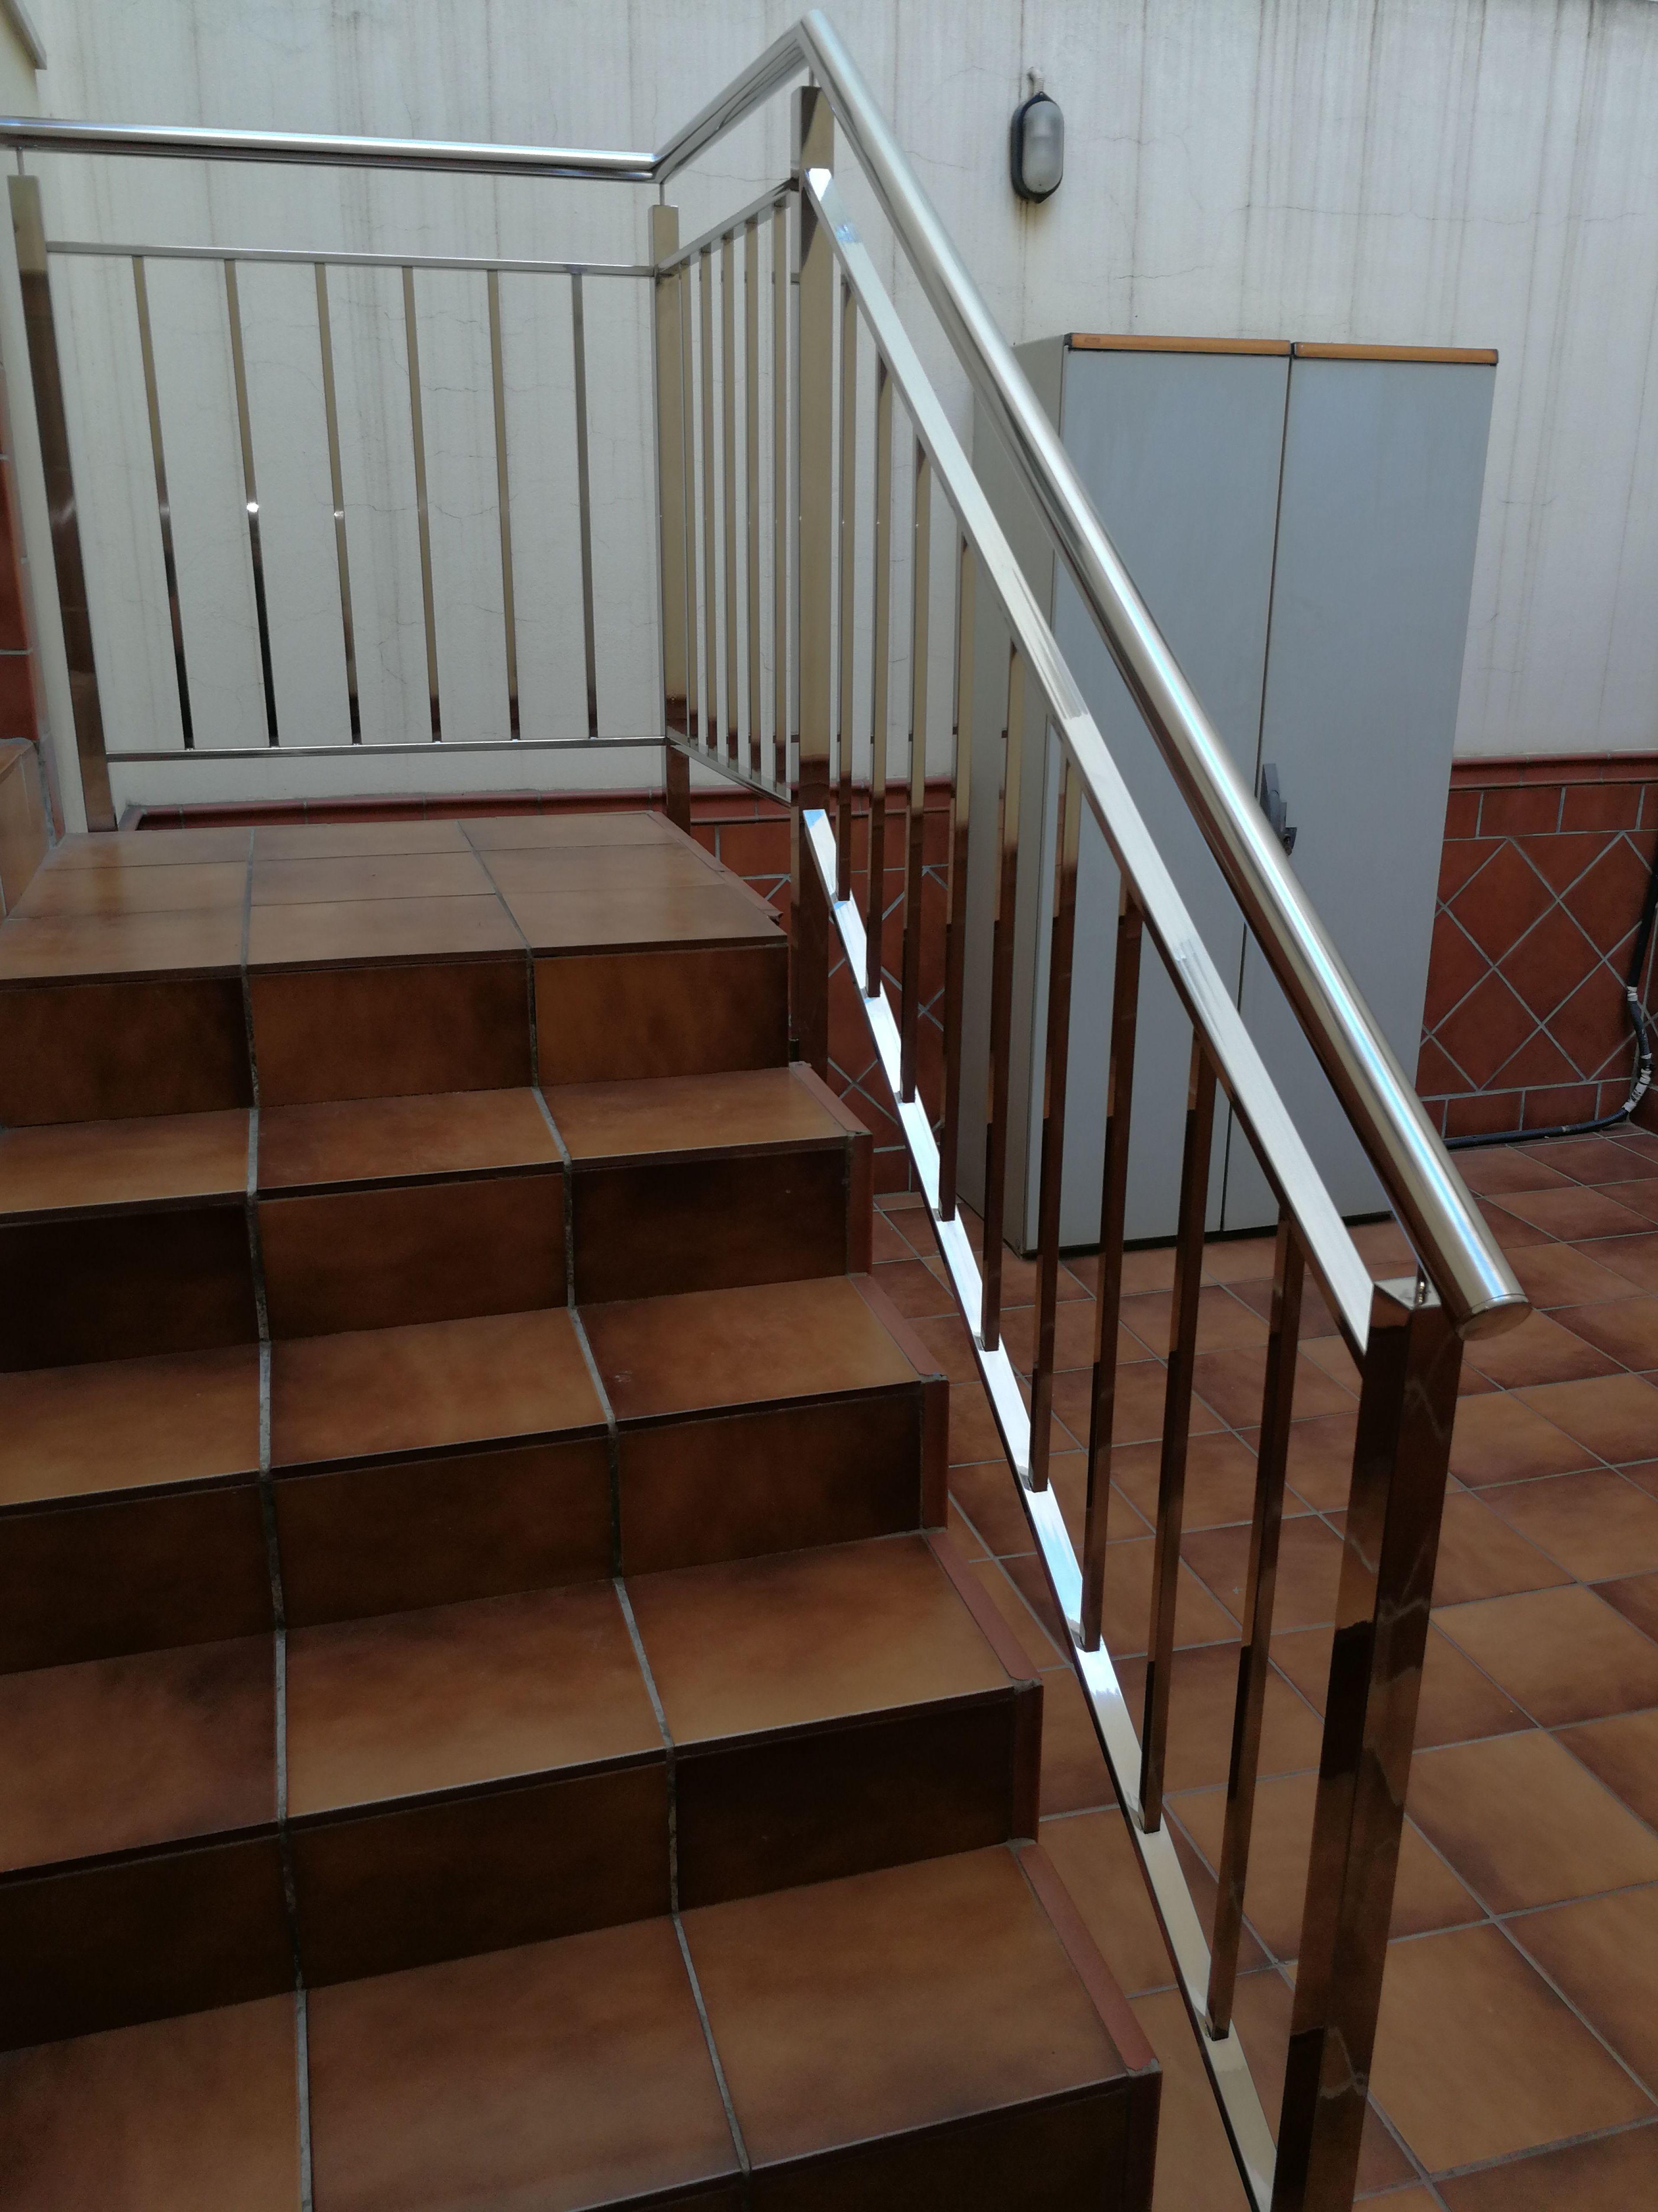 Foto 90 de Especialistas en diseños y proyectos en acero inoxidable en Alcalá de Guadaíra | Icminox